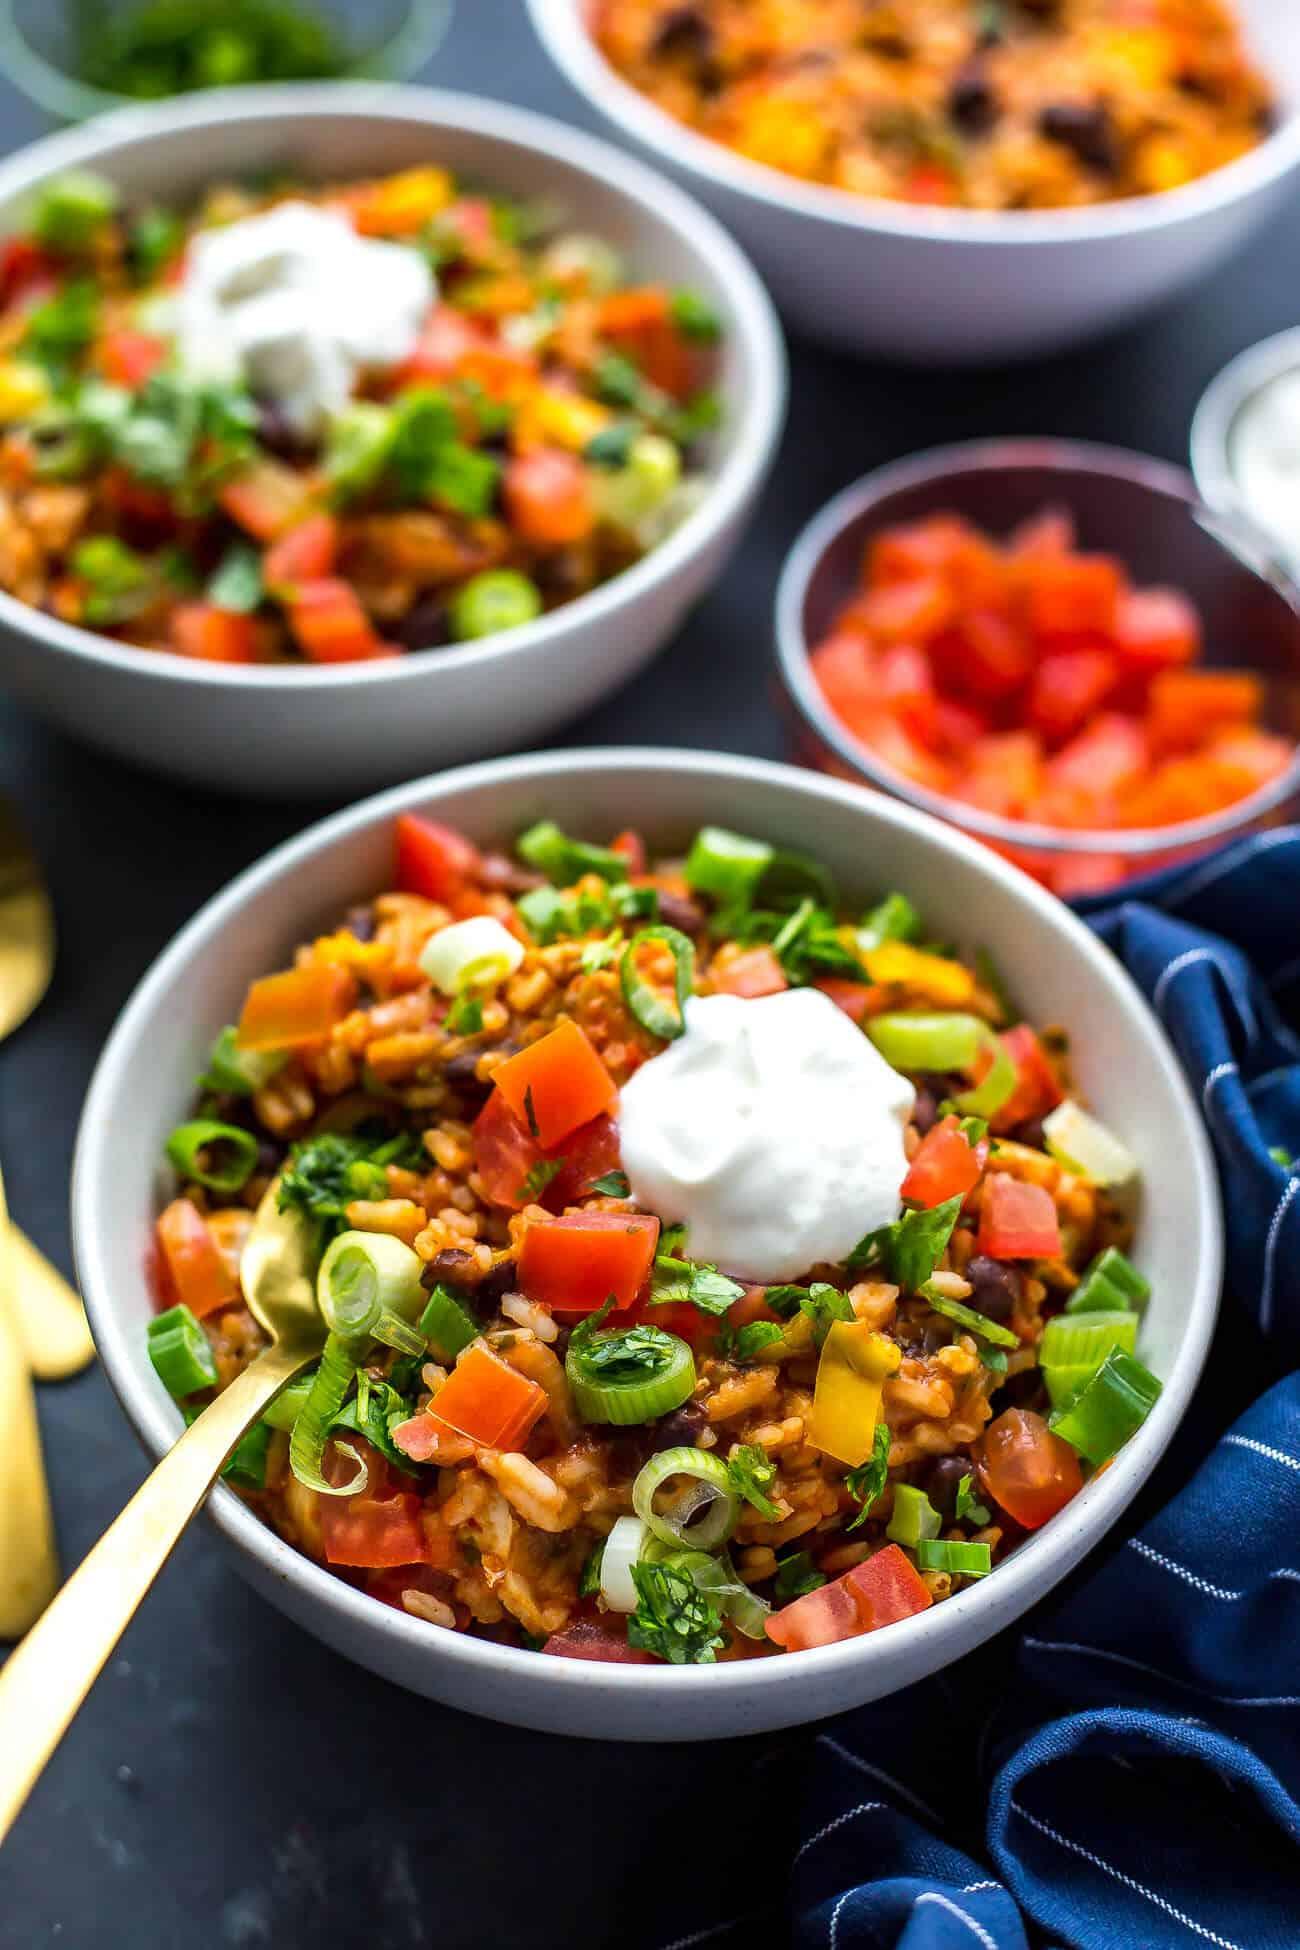 15 simpele én gezonde recepten voor een kick-ass week! En het mooie is: deze gezonde recepten heb je binnen 30 minuten op tafel. Van recepten met zalm tot het bereiden van zalm uit de oven met groente tot een pasta met spinazie en bonen. Wat ons betreft kunnen alle excuses waardoor gezond eten niet lukt direct de prullenbak in met deze kleurrijke en smaakvolle toppers.